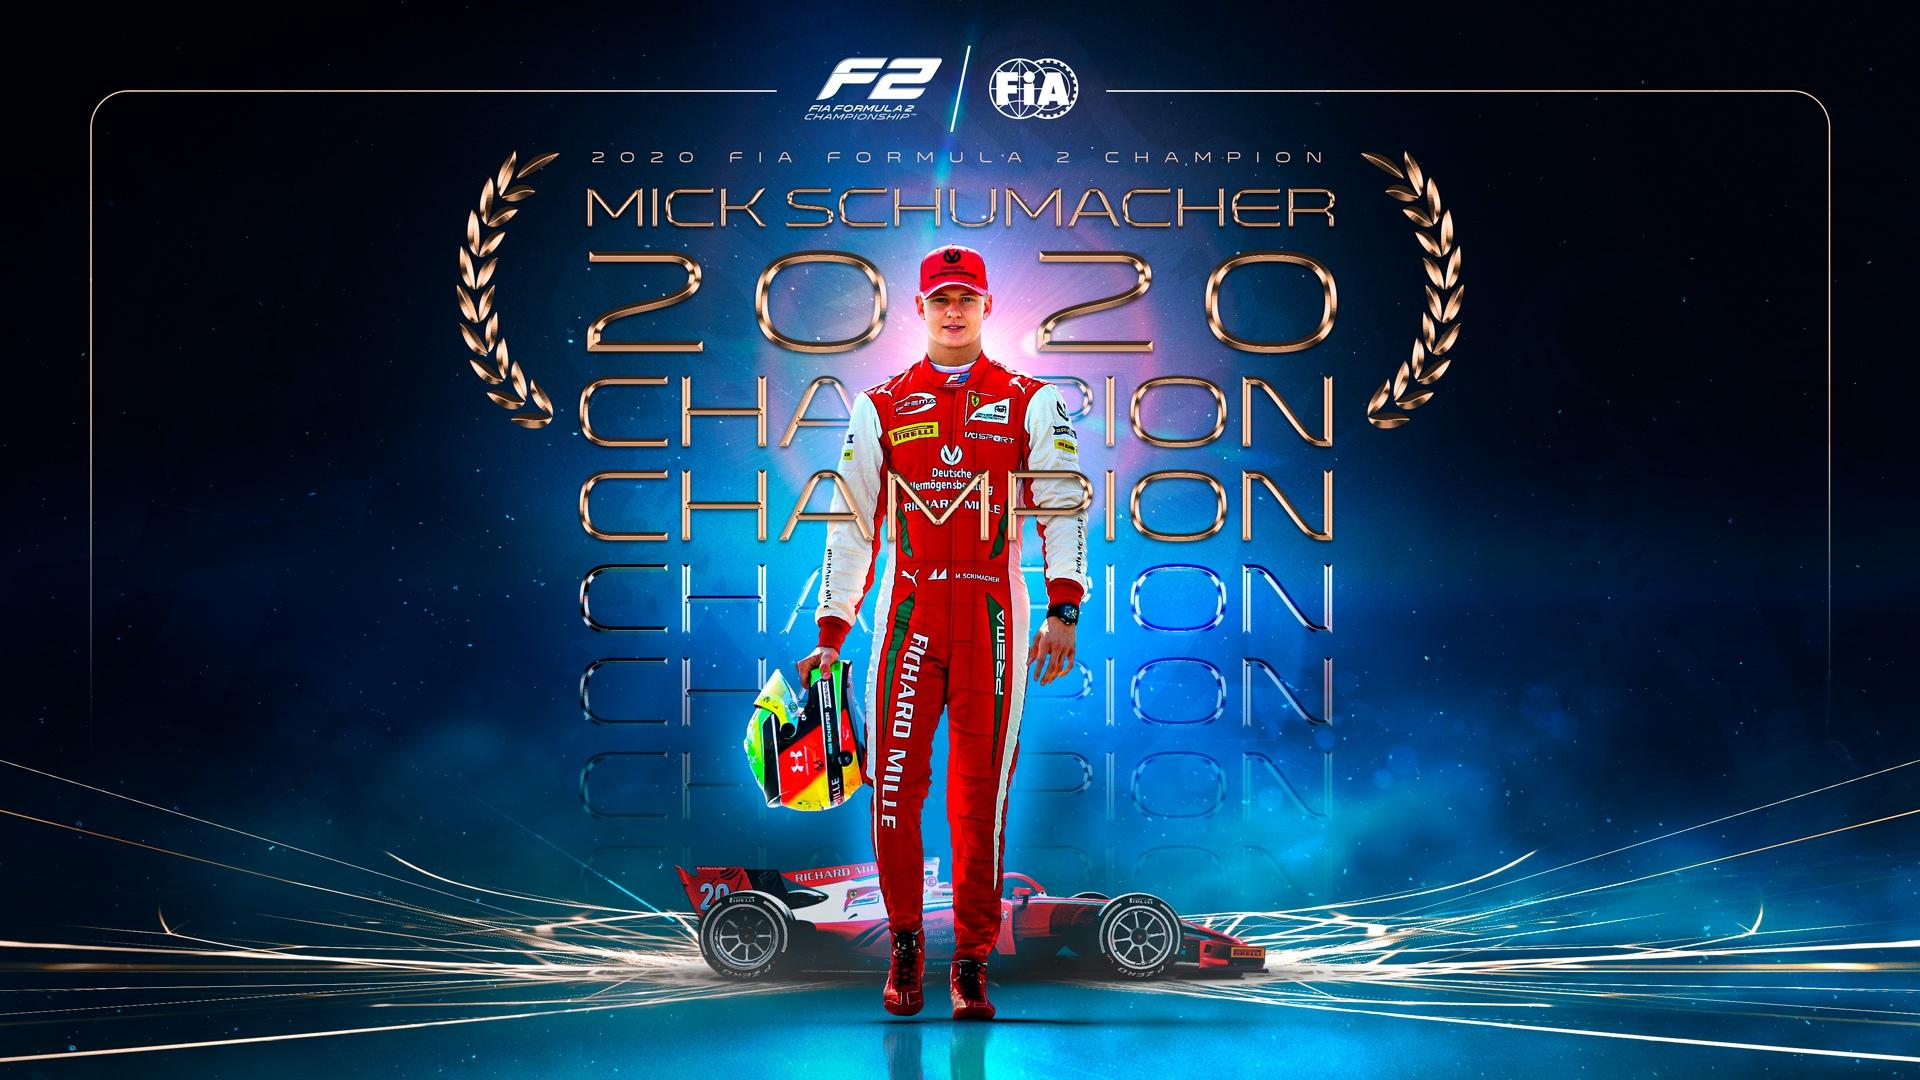 Мик Шумахер стал чемпионом Ф2! Дарувала выиграл последнюю гонку, Цунода – лучший новичок сезона